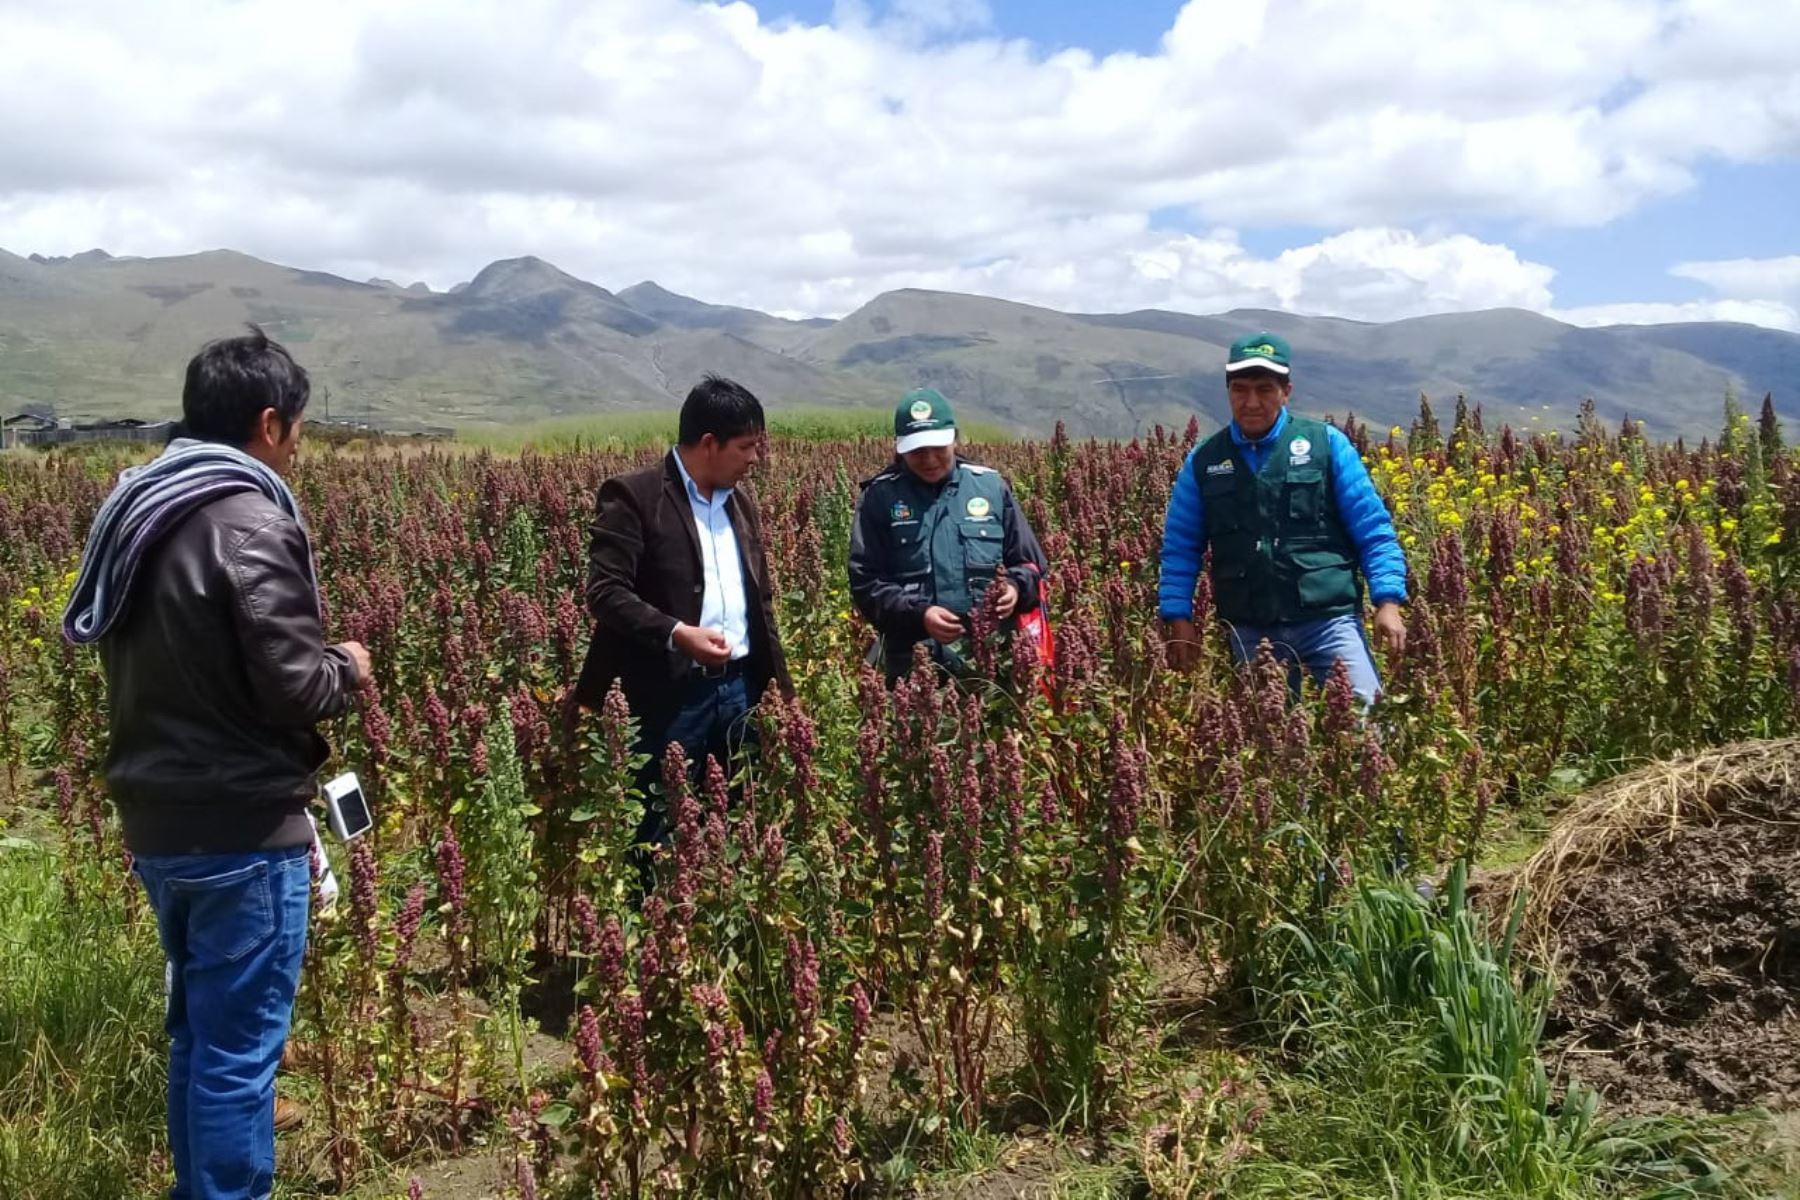 Brigadas del Ministerio de Agricultura evalúan el impacto de las heladas en el sector agropecuario de Apurímac. ANDINA/Difusión